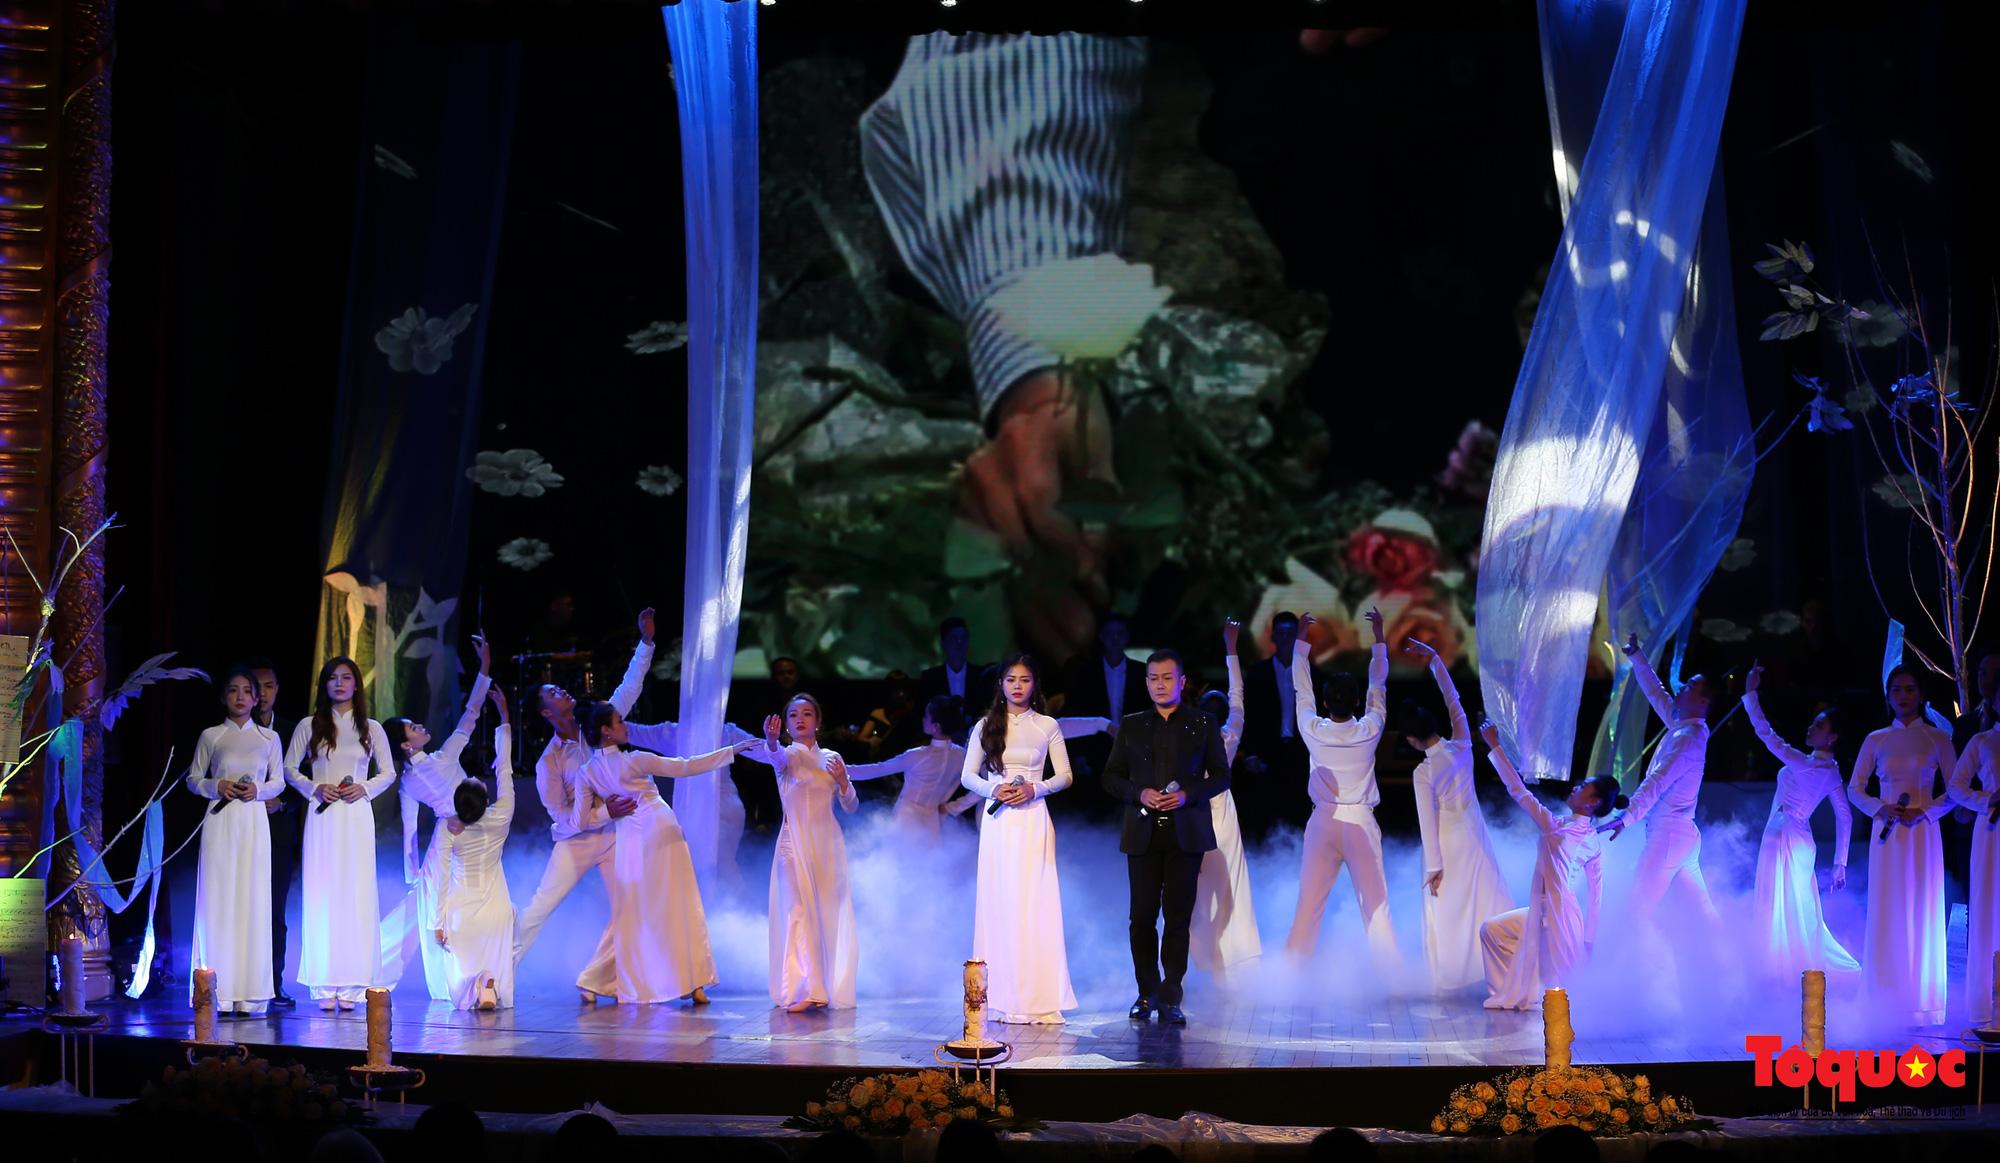 Nhiều cung bậc cảm xúc trong đêm nhạc 'Biển nhớ' tưởng nhớ cố nhạc sĩ Trịnh Công Sơn - Ảnh 16.